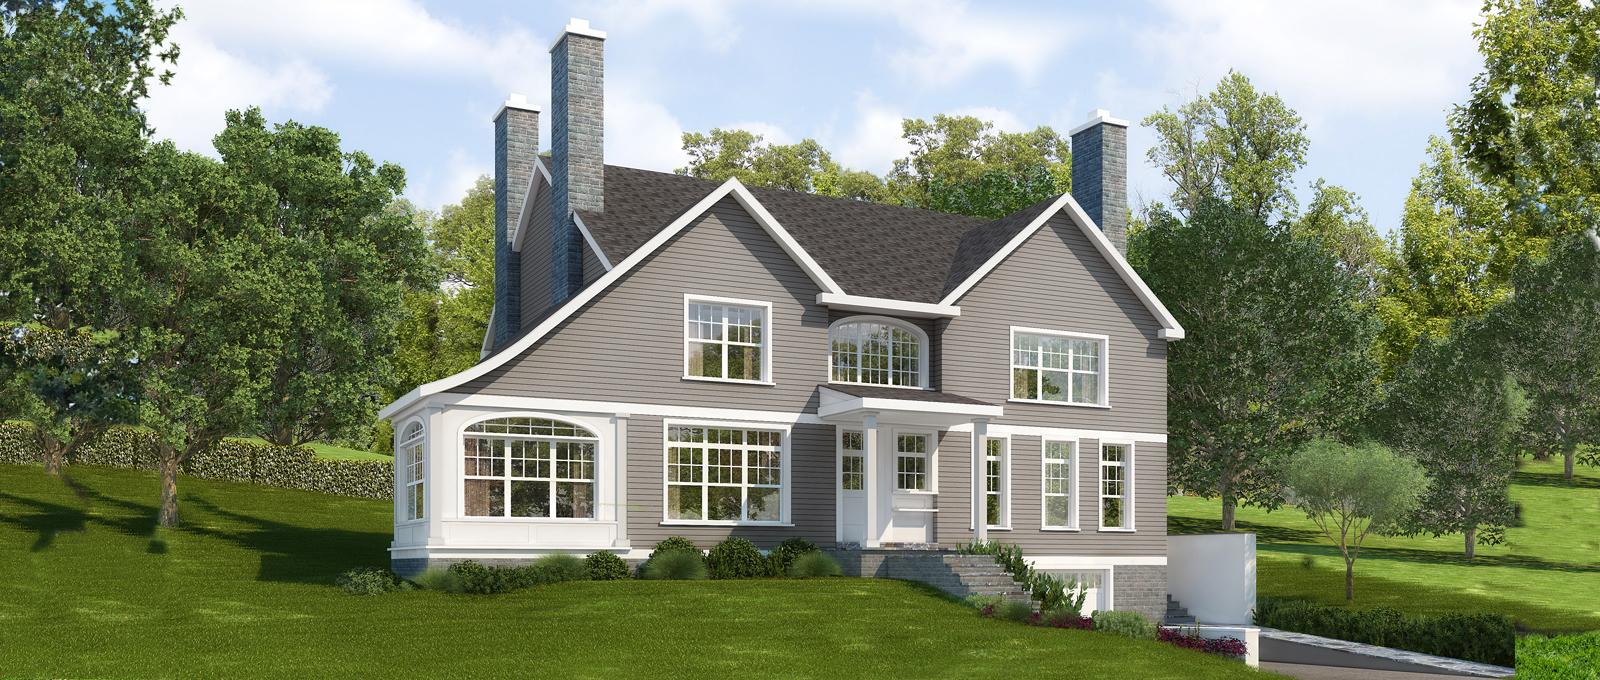 Moradia para Venda às Rye Gardens New Construction Home 15 Colby Avenue Rye, Nova York 10580 Estados Unidos